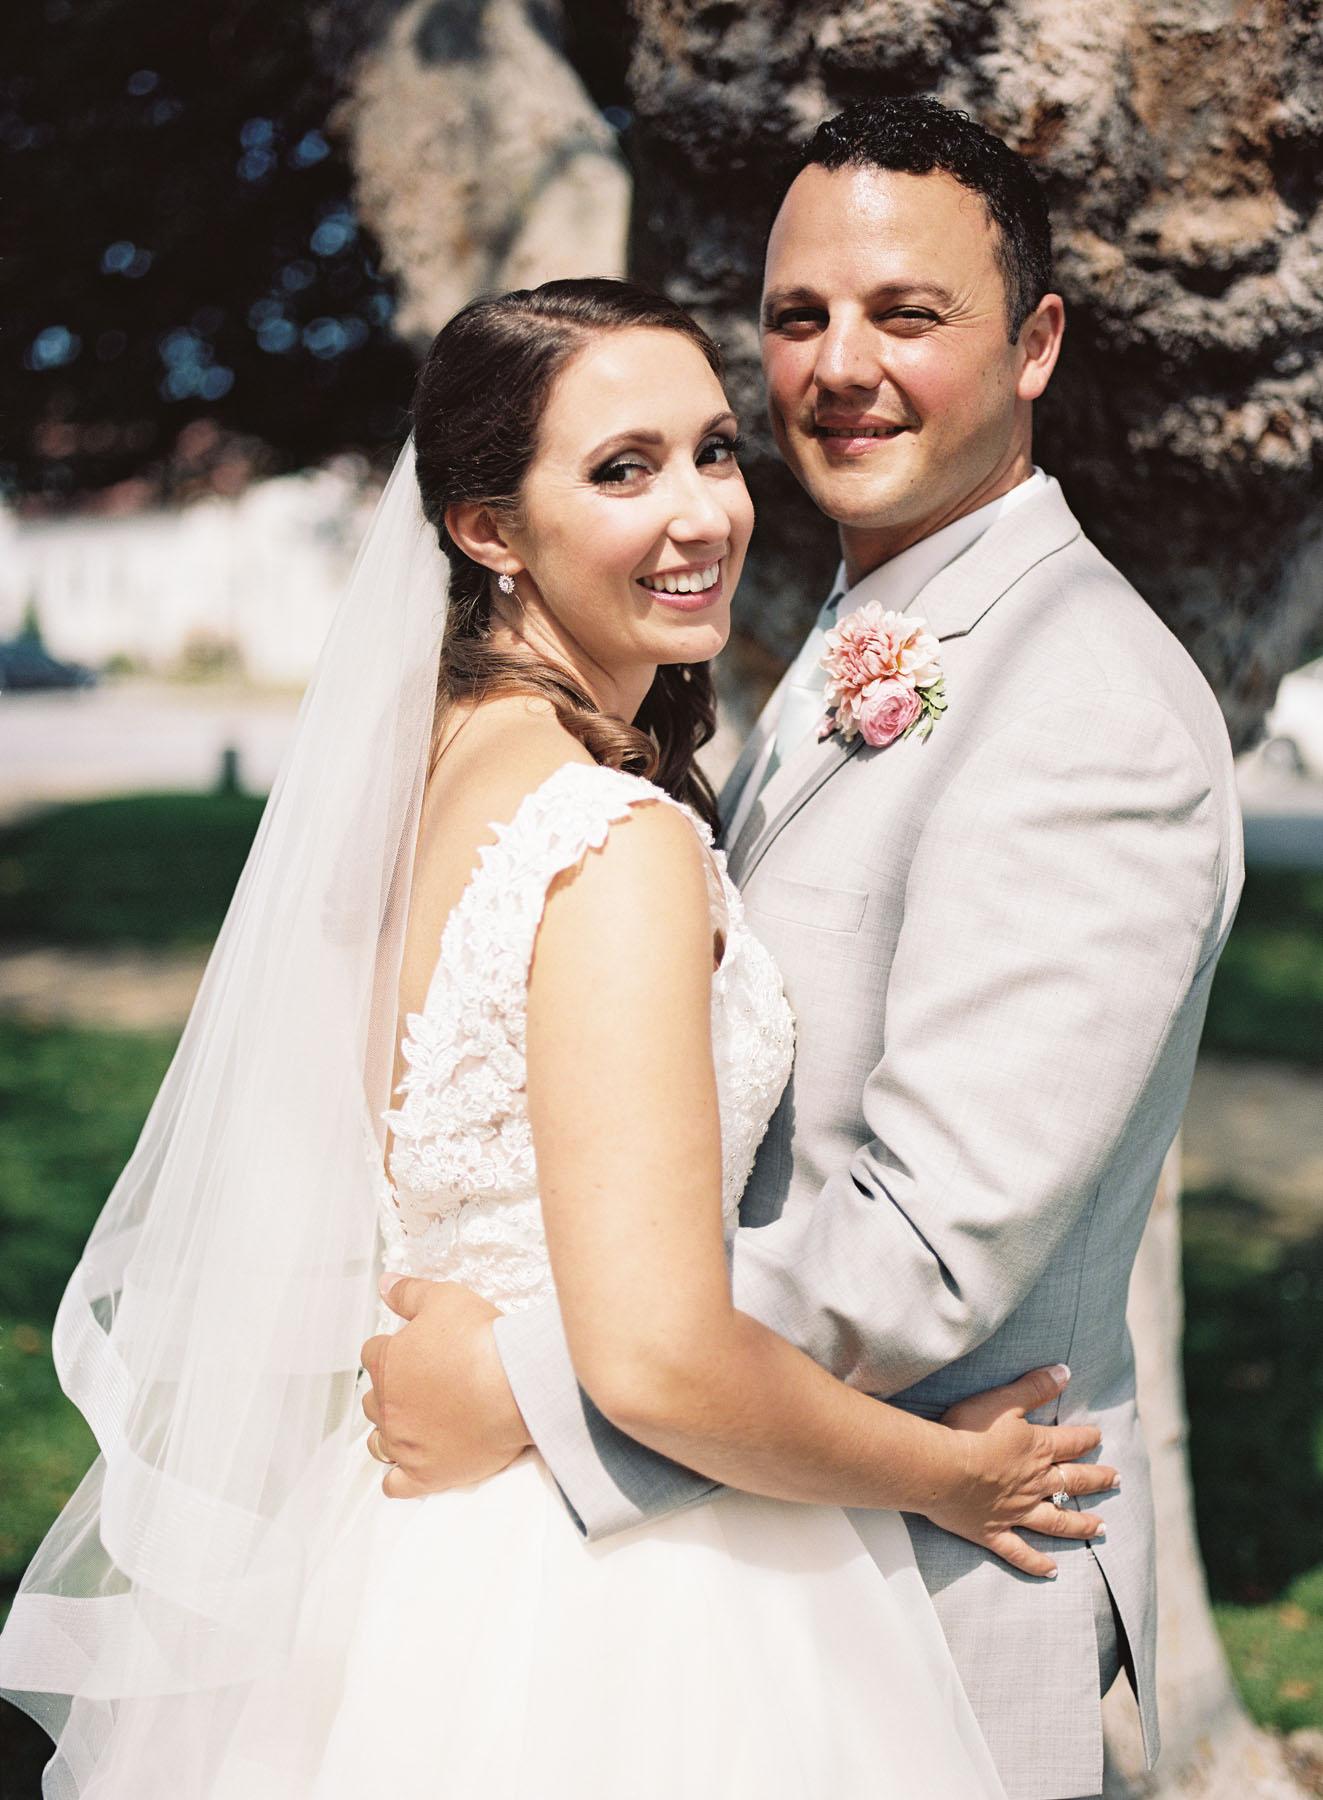 8-11-18 Vanessa and Andrew - 127.jpg